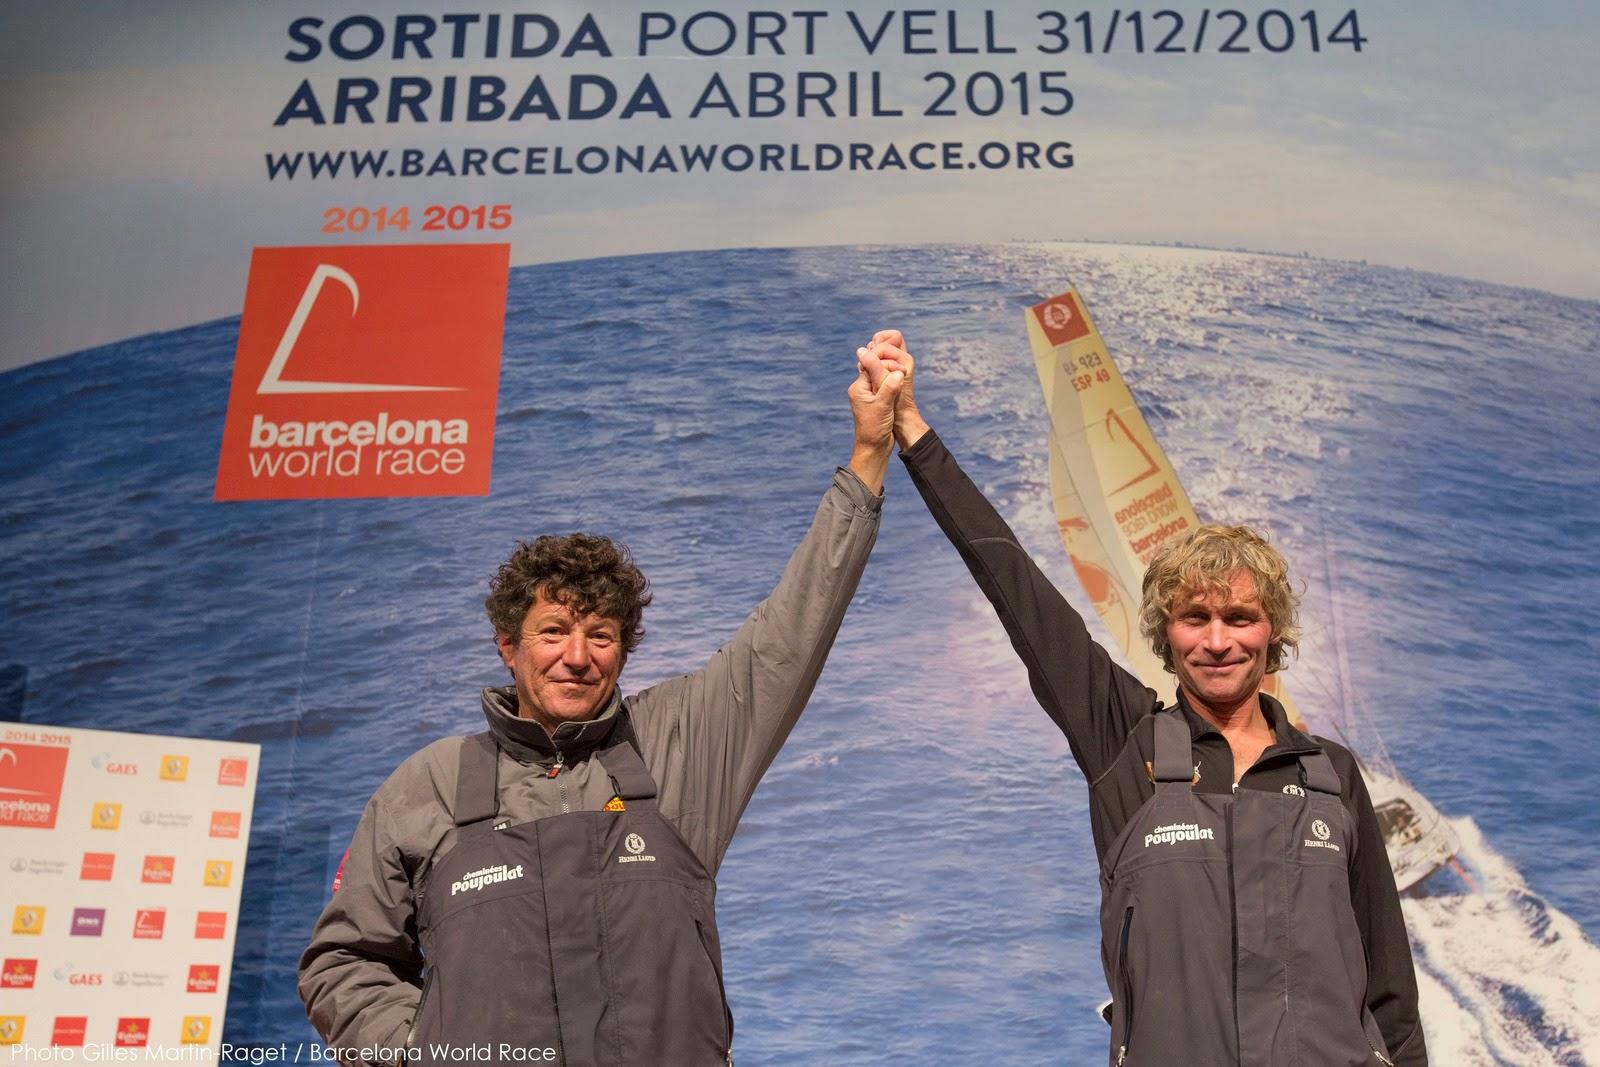 Victoire de Bernard Stamm et Jean Le Cam sur la Barcelona World Race.